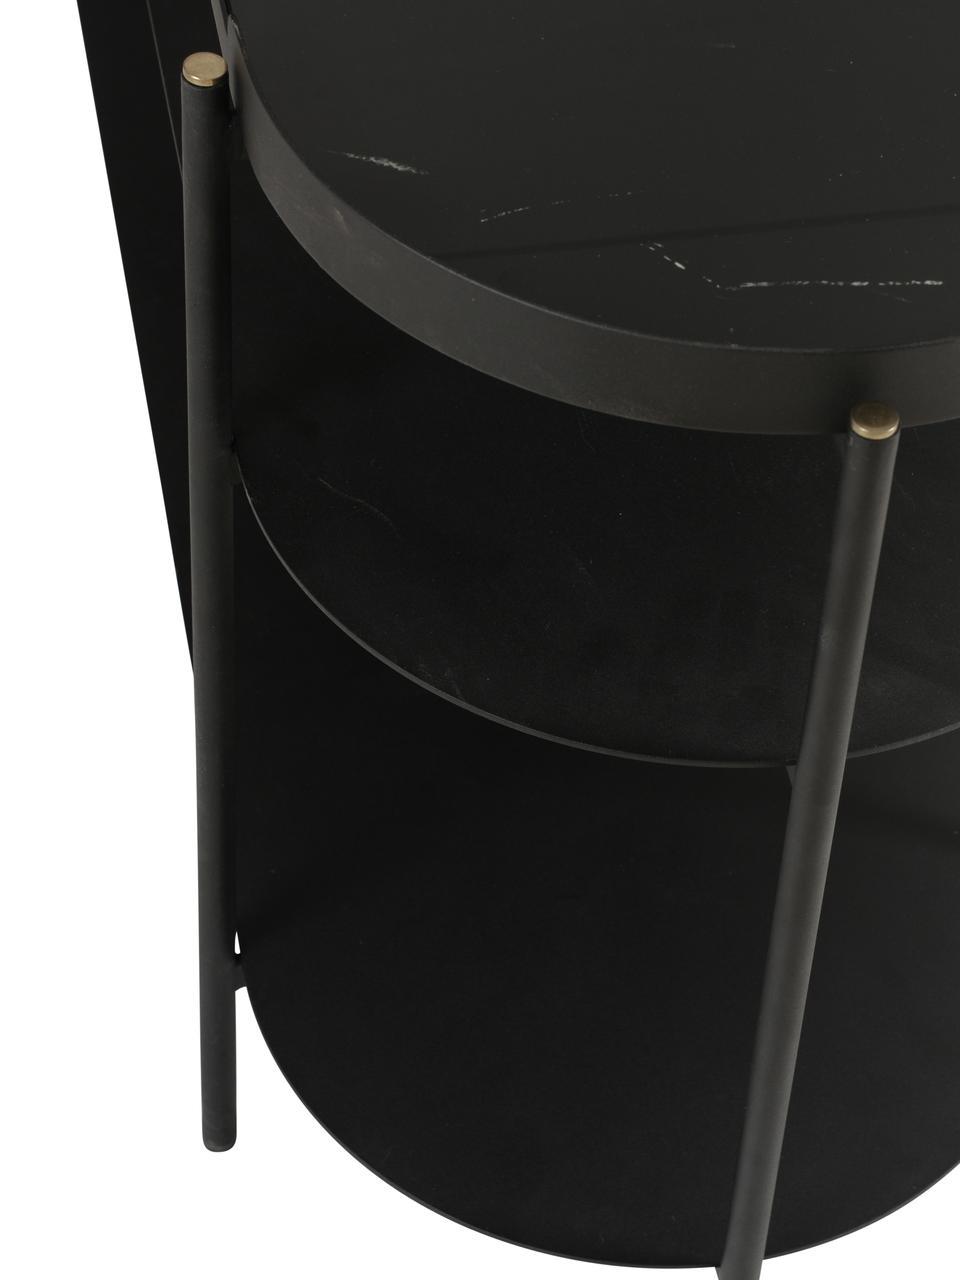 Konsola z blatem z imitacji marmuru Complice, Czarny, marmurowy, S 140 x G 38 cm